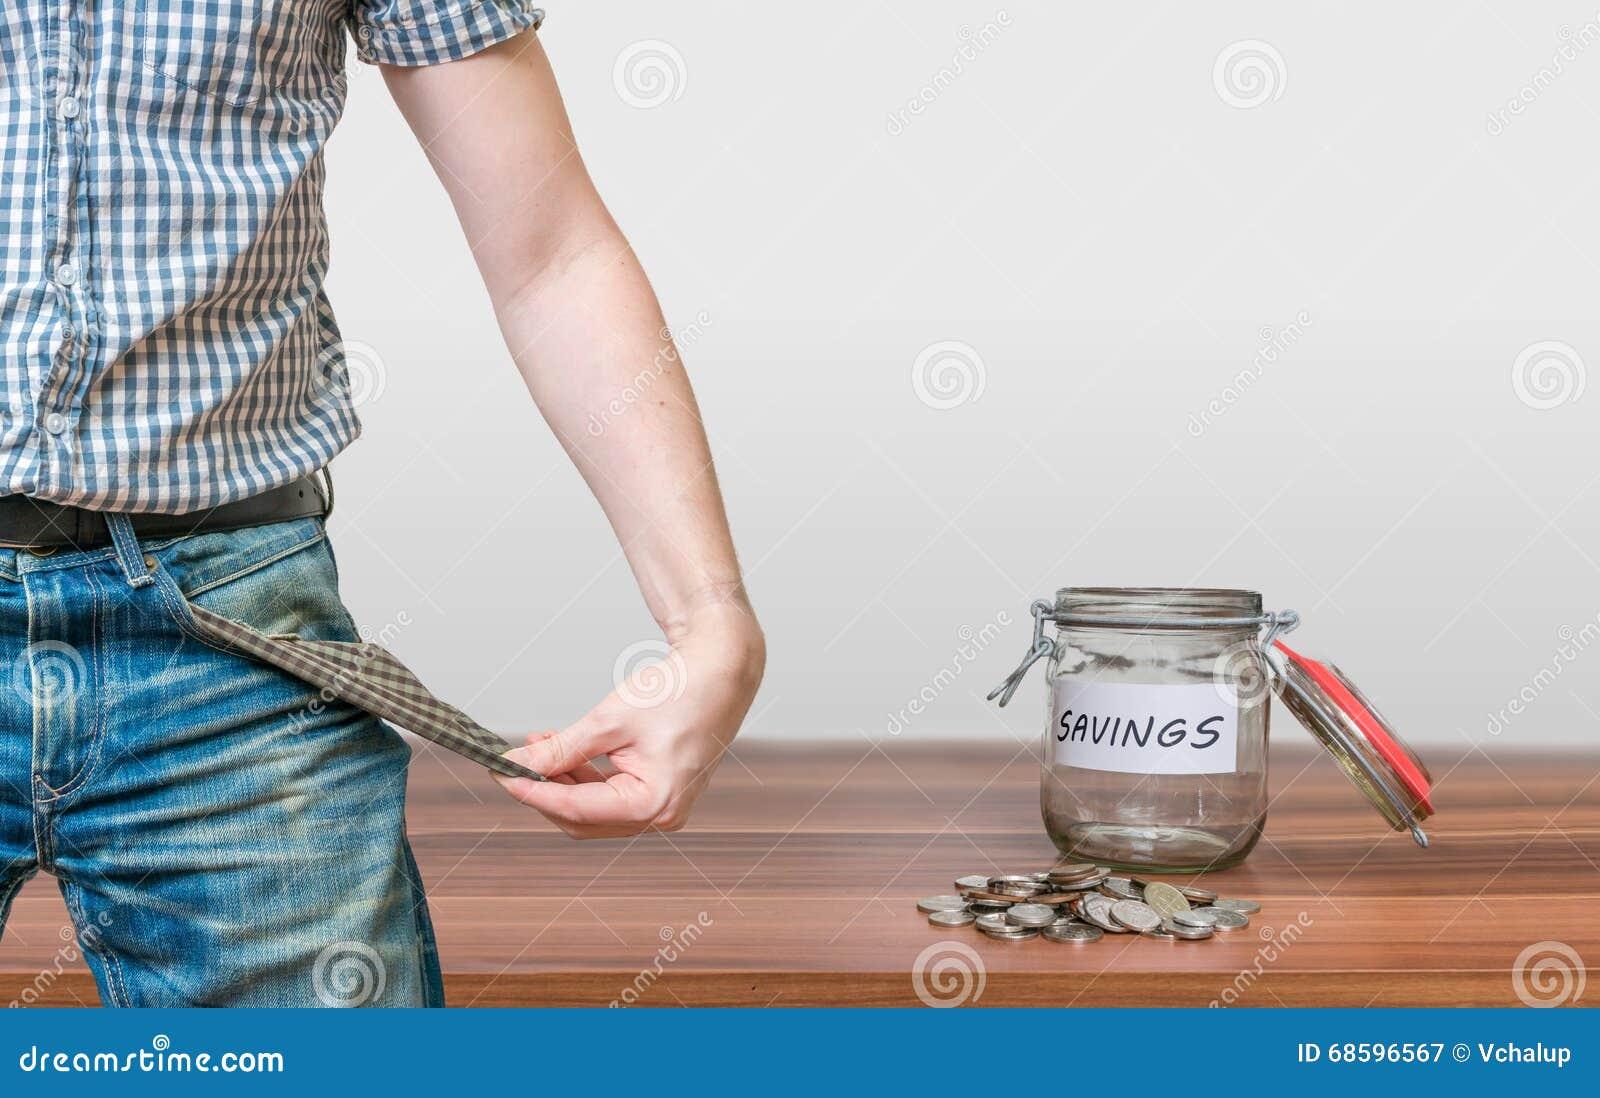 显示有硬币的人口袋作为没有金钱标志和瓶子